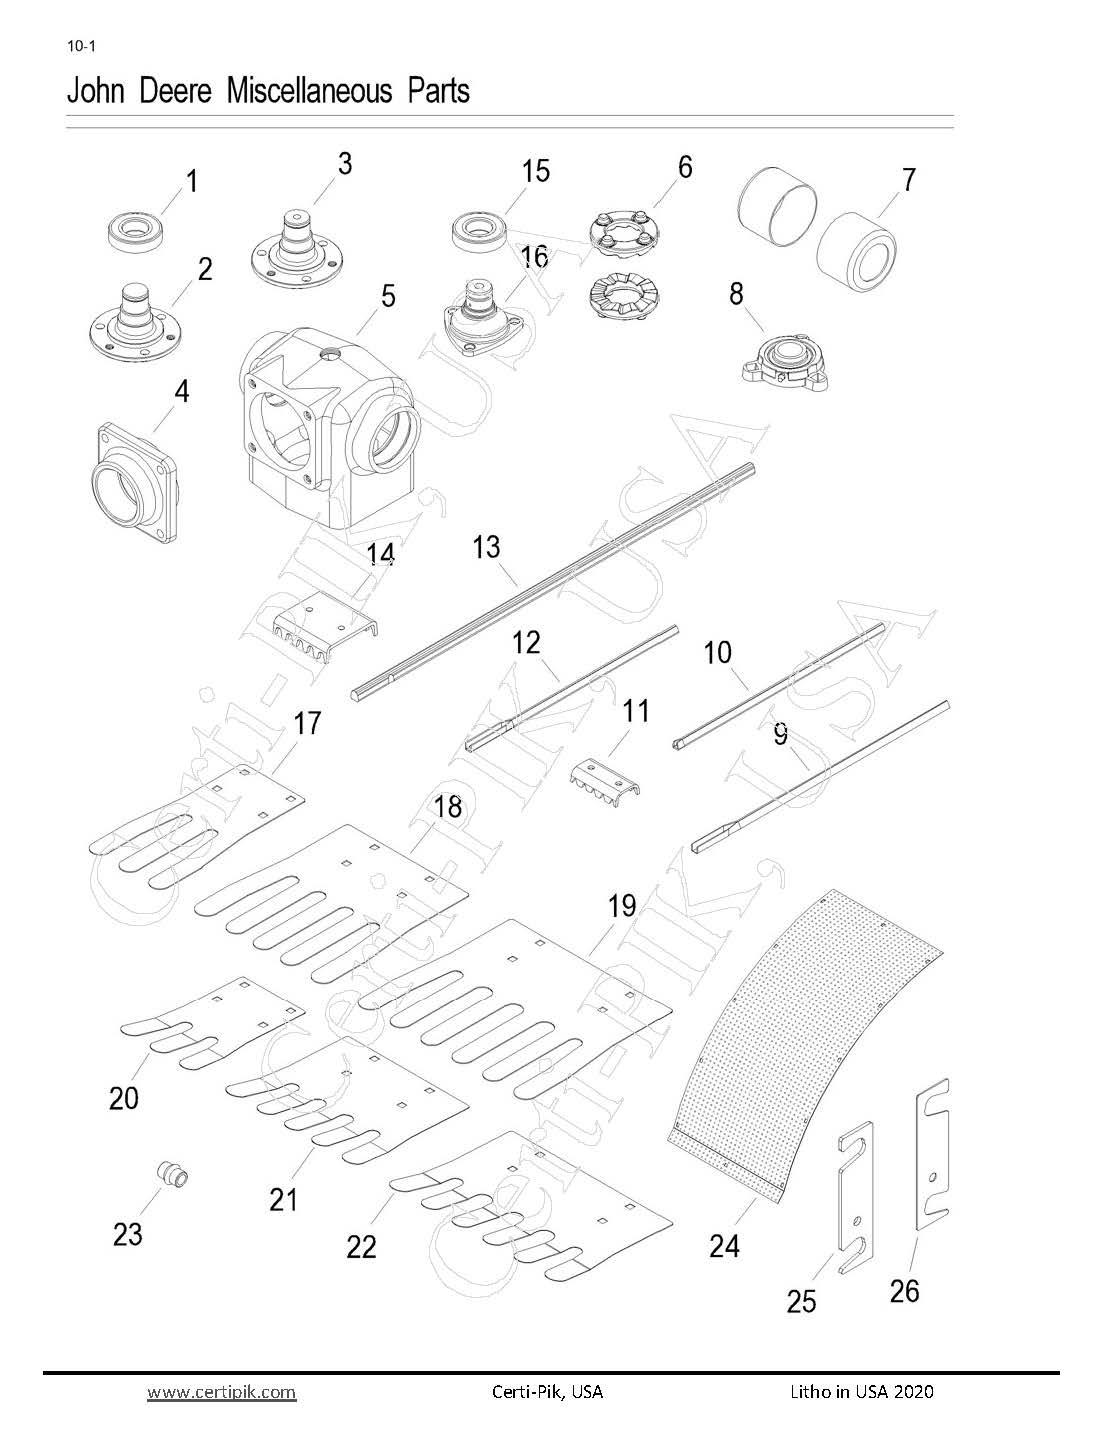 John Deere Miscellaneous Parts